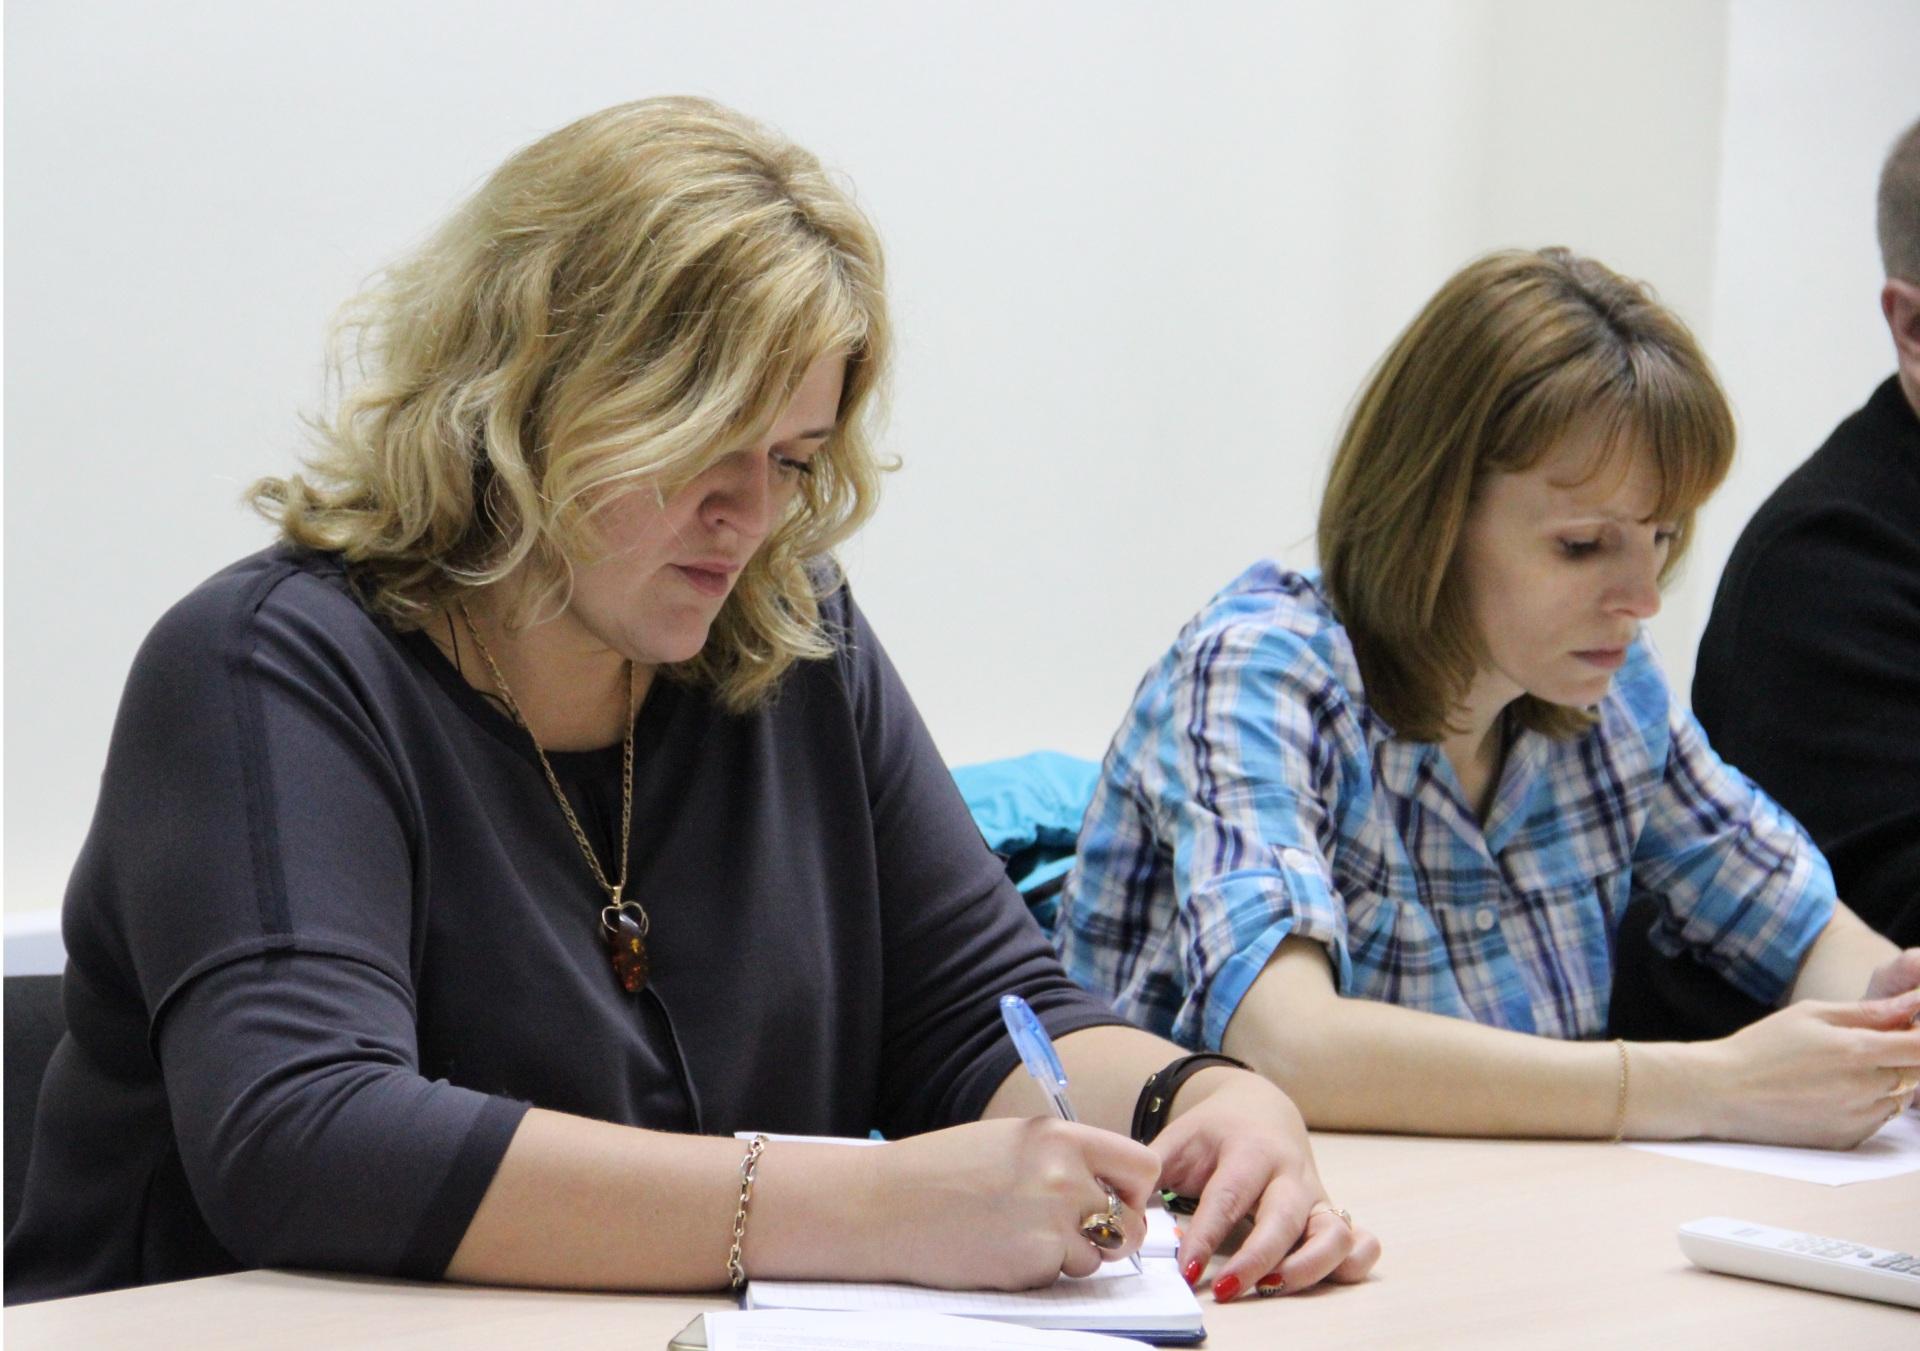 Список добросовестных подрядчиков для капремонта создан вНовосибирске